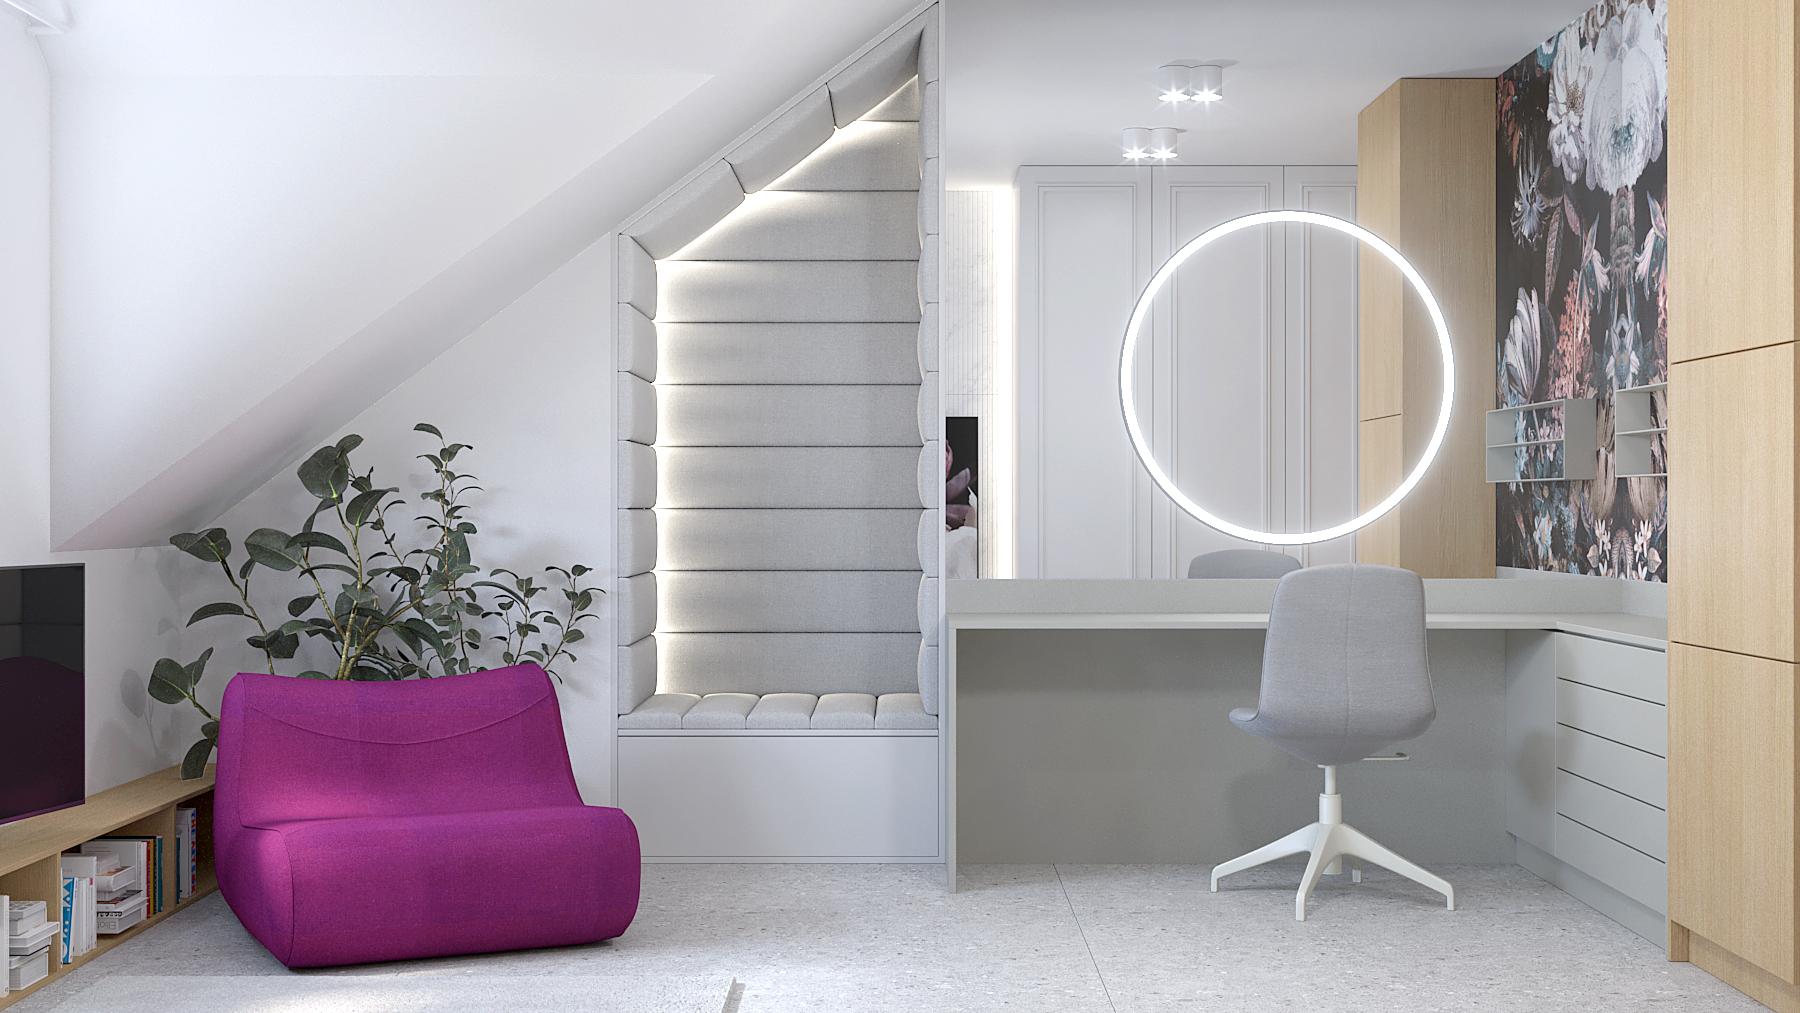 1 projektant wnetrz D423 poddasze Myslowice toaletka tapeta kwiaty foletowy fotel siedzisko tapicerowane